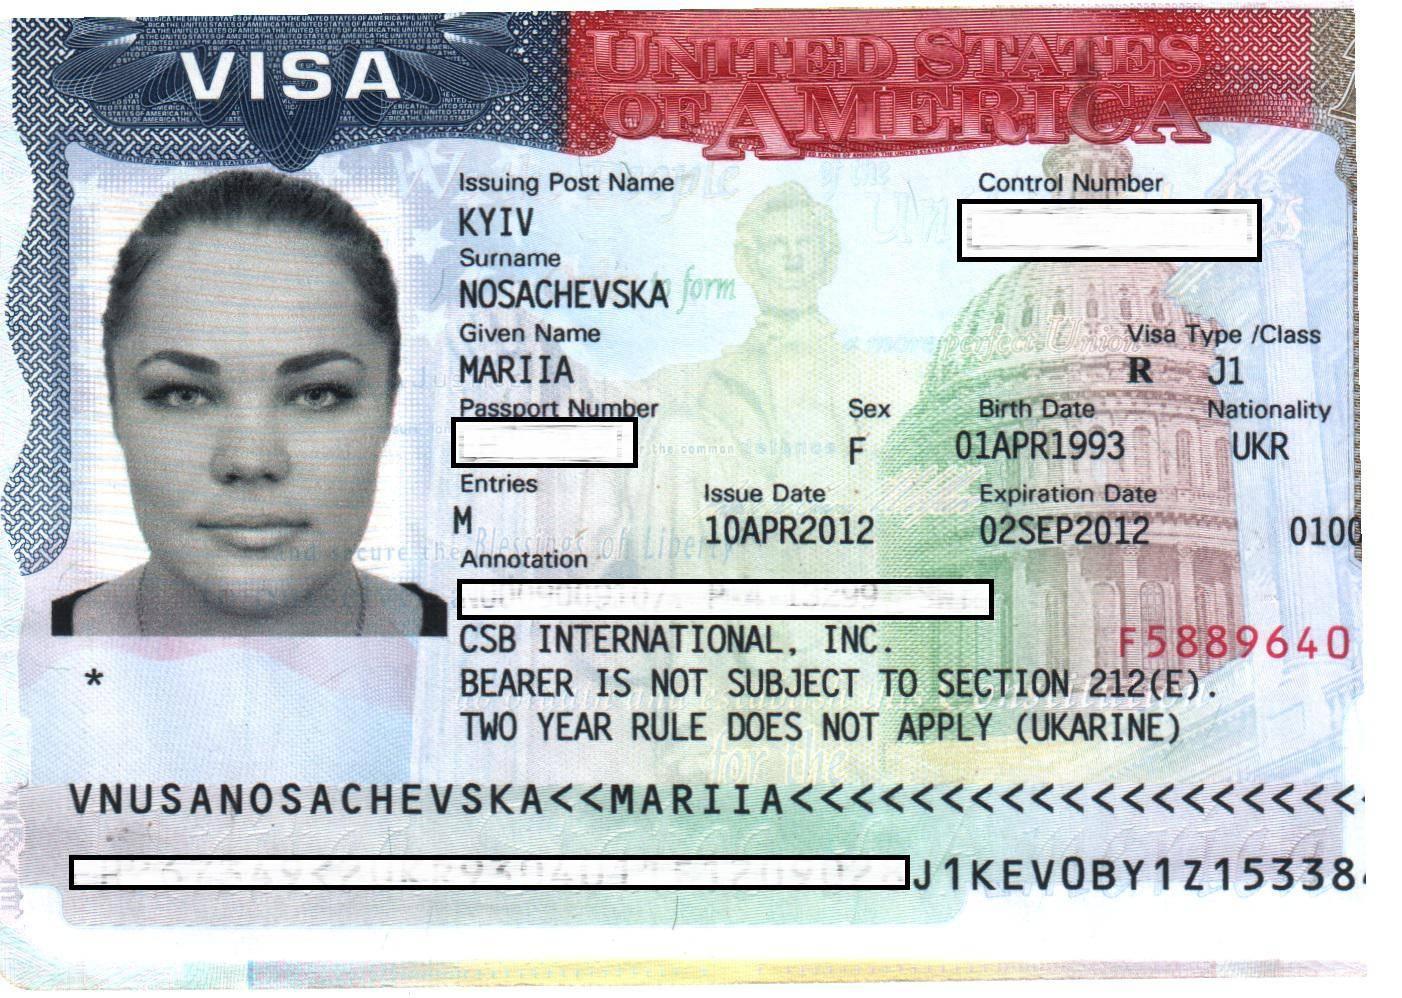 Виза в австралию самостоятельно для россиян в 2021 году: как получить австралийскую визу